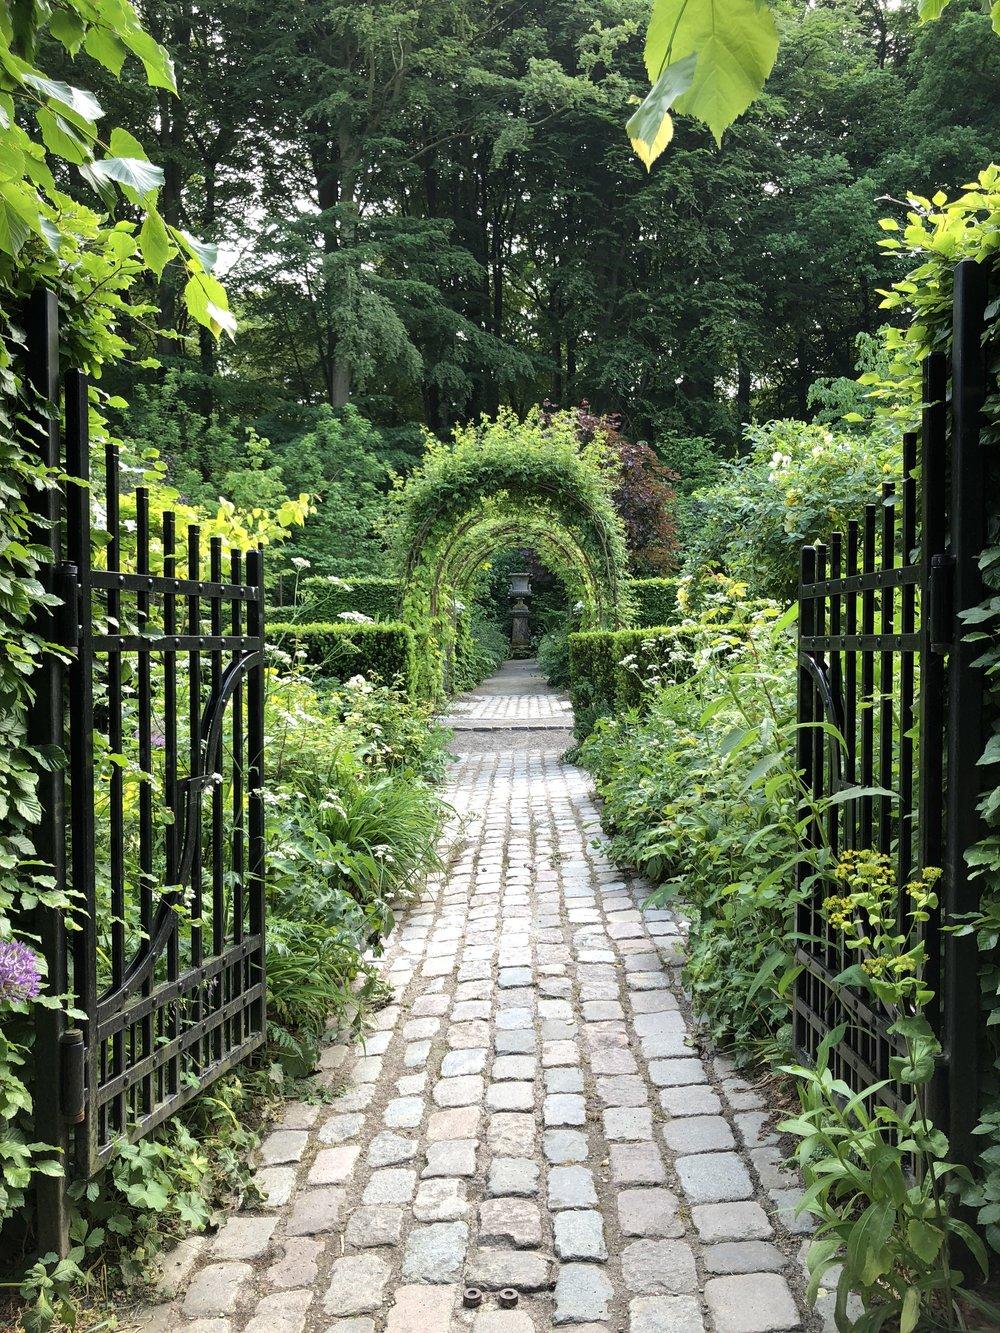 Celebrated Danish gardener, Claus Dalby's garden. Aarhus, Denmark.